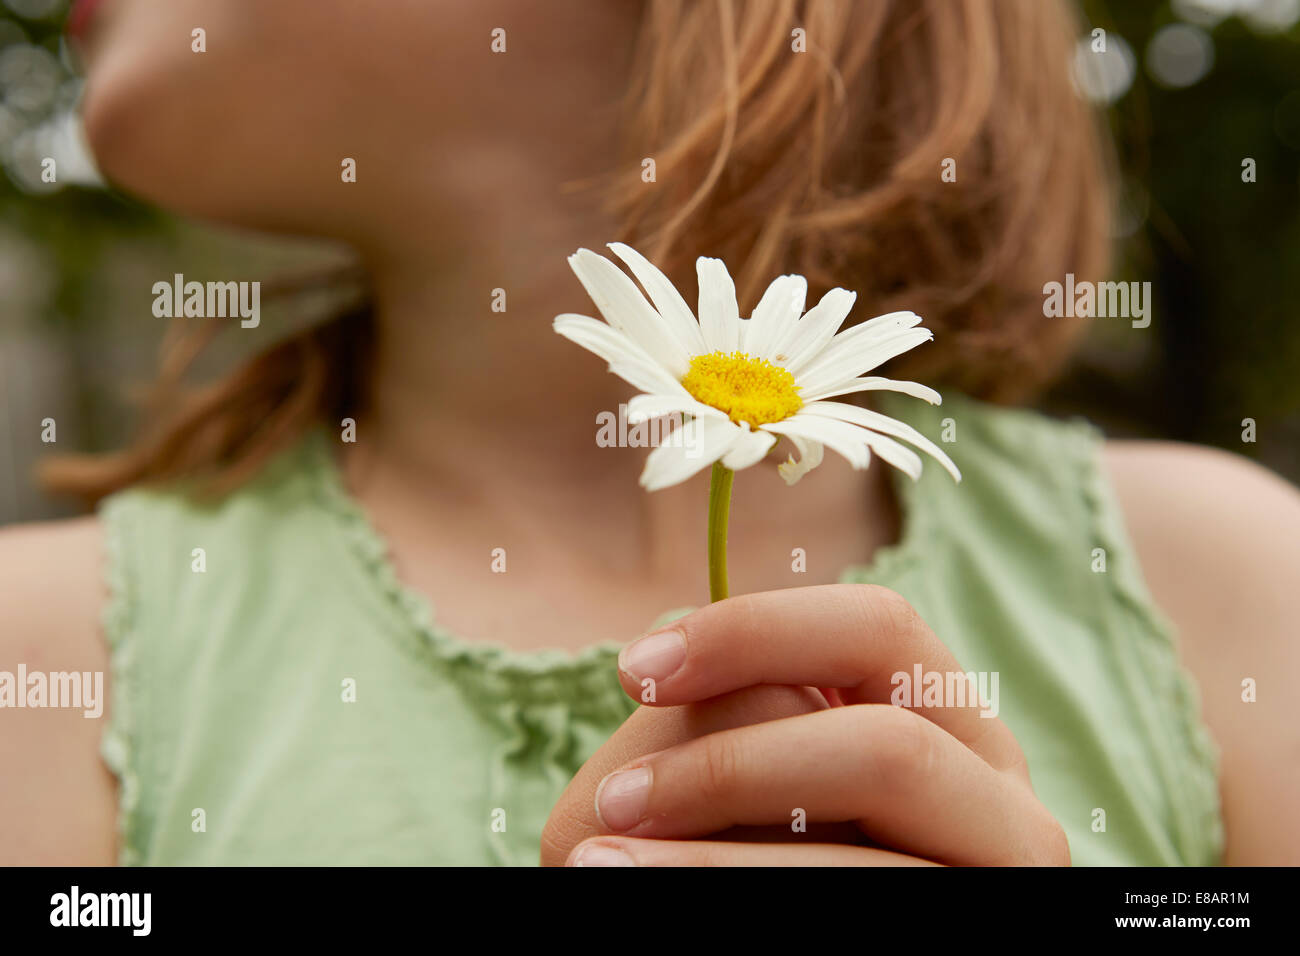 Immagine ritagliata della ragazza con fiore a margherita Immagini Stock